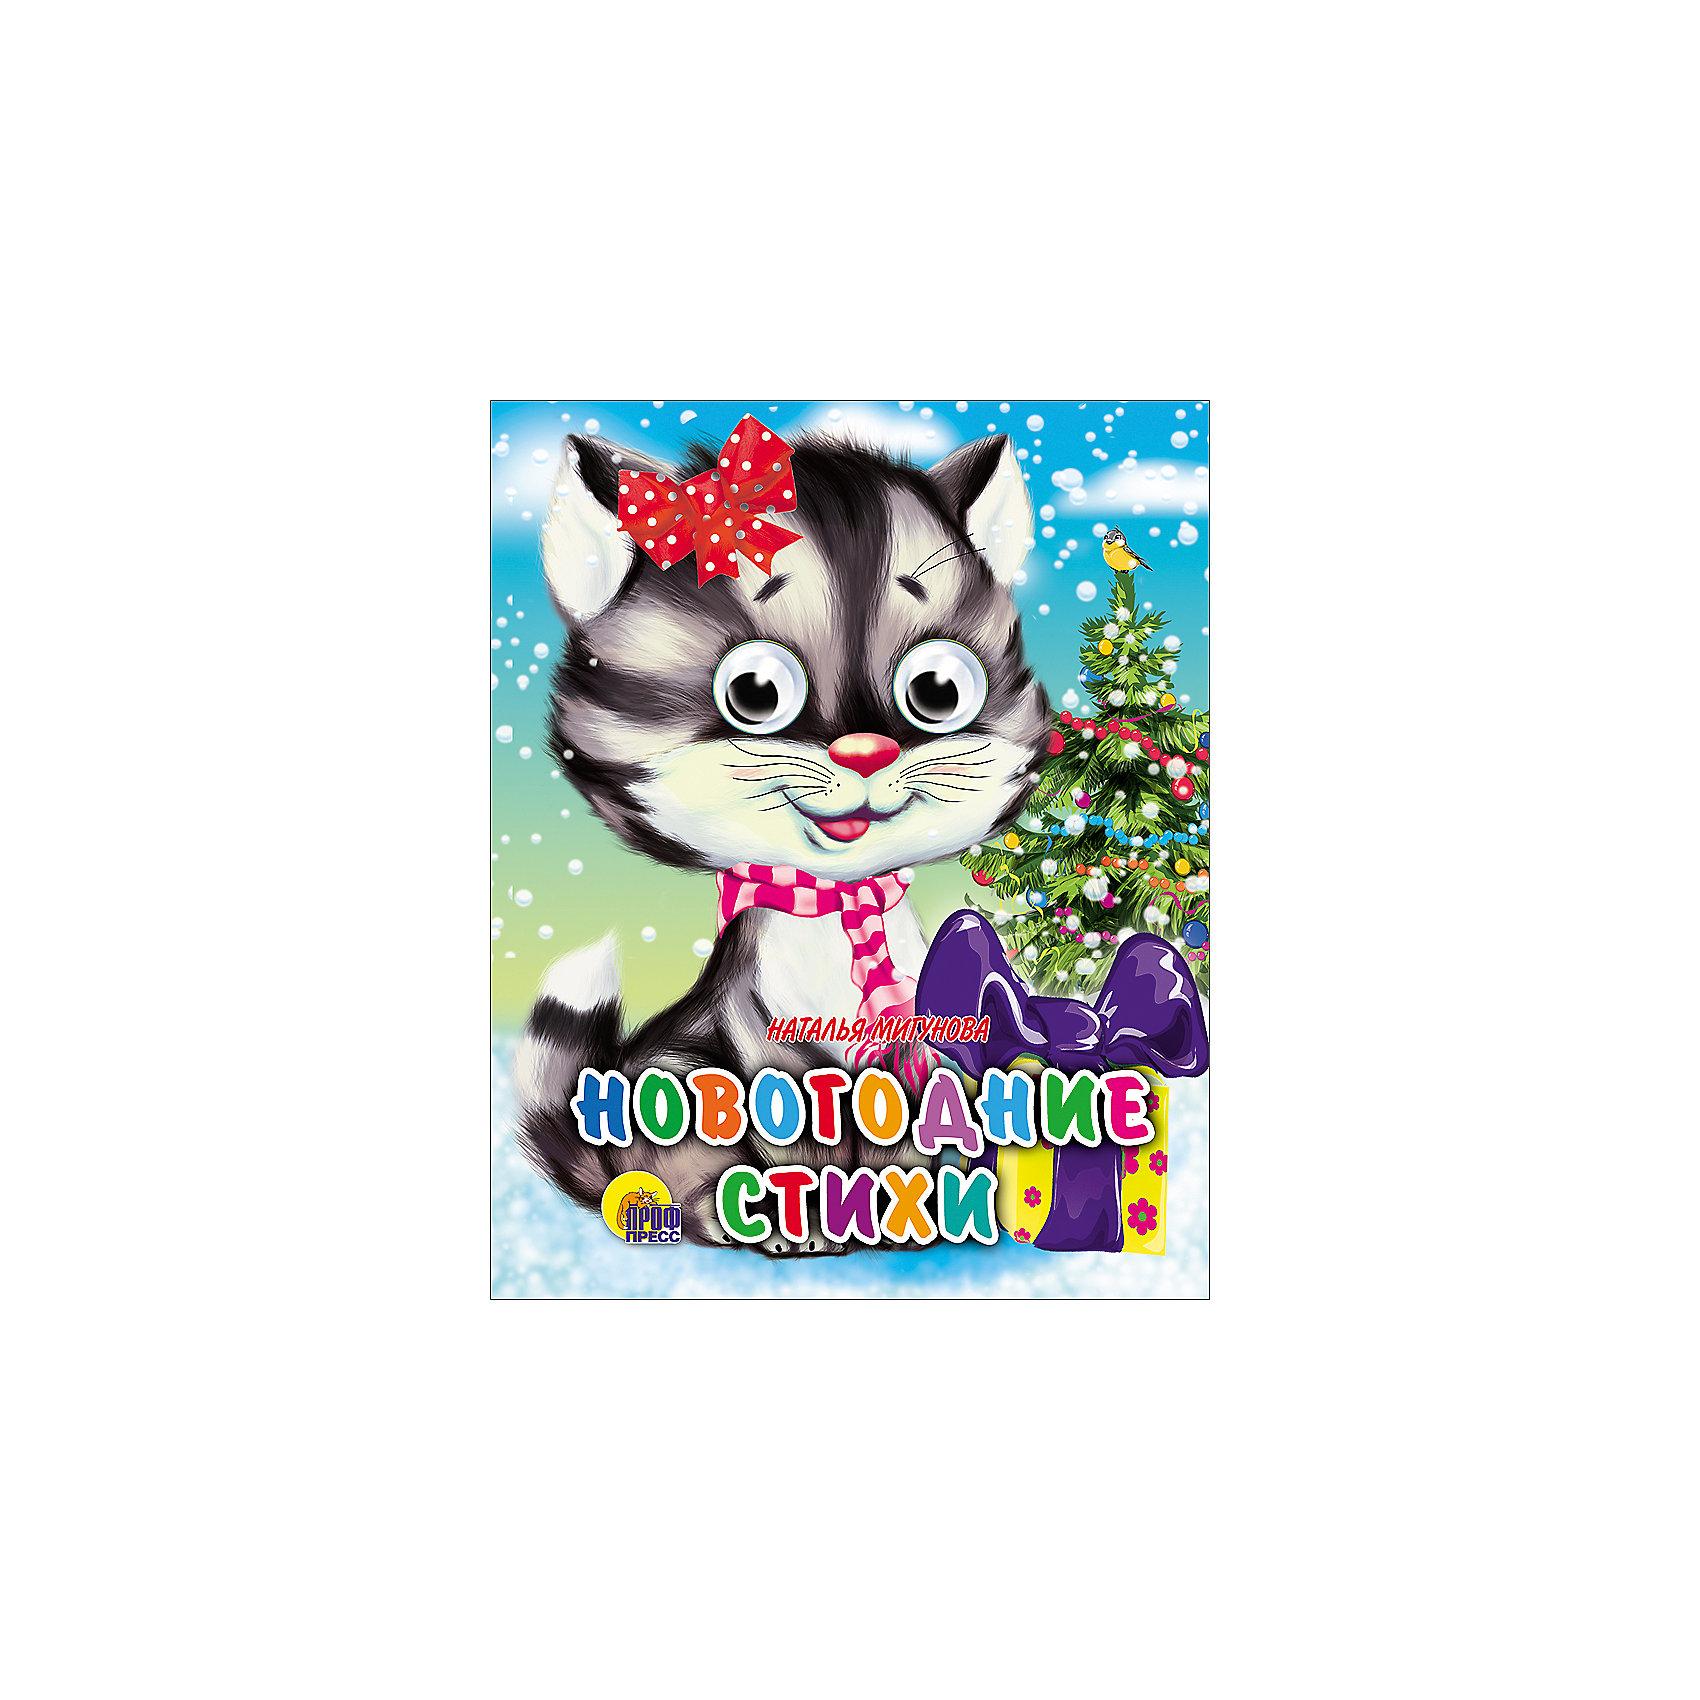 Новогодние стихиЯркие,весёлые книжки с маленькими глазками,познавательные и обучающие,очень нравятся детям.<br><br>Ширина мм: 120<br>Глубина мм: 5<br>Высота мм: 150<br>Вес г: 71<br>Возраст от месяцев: 12<br>Возраст до месяцев: 60<br>Пол: Унисекс<br>Возраст: Детский<br>SKU: 5100018